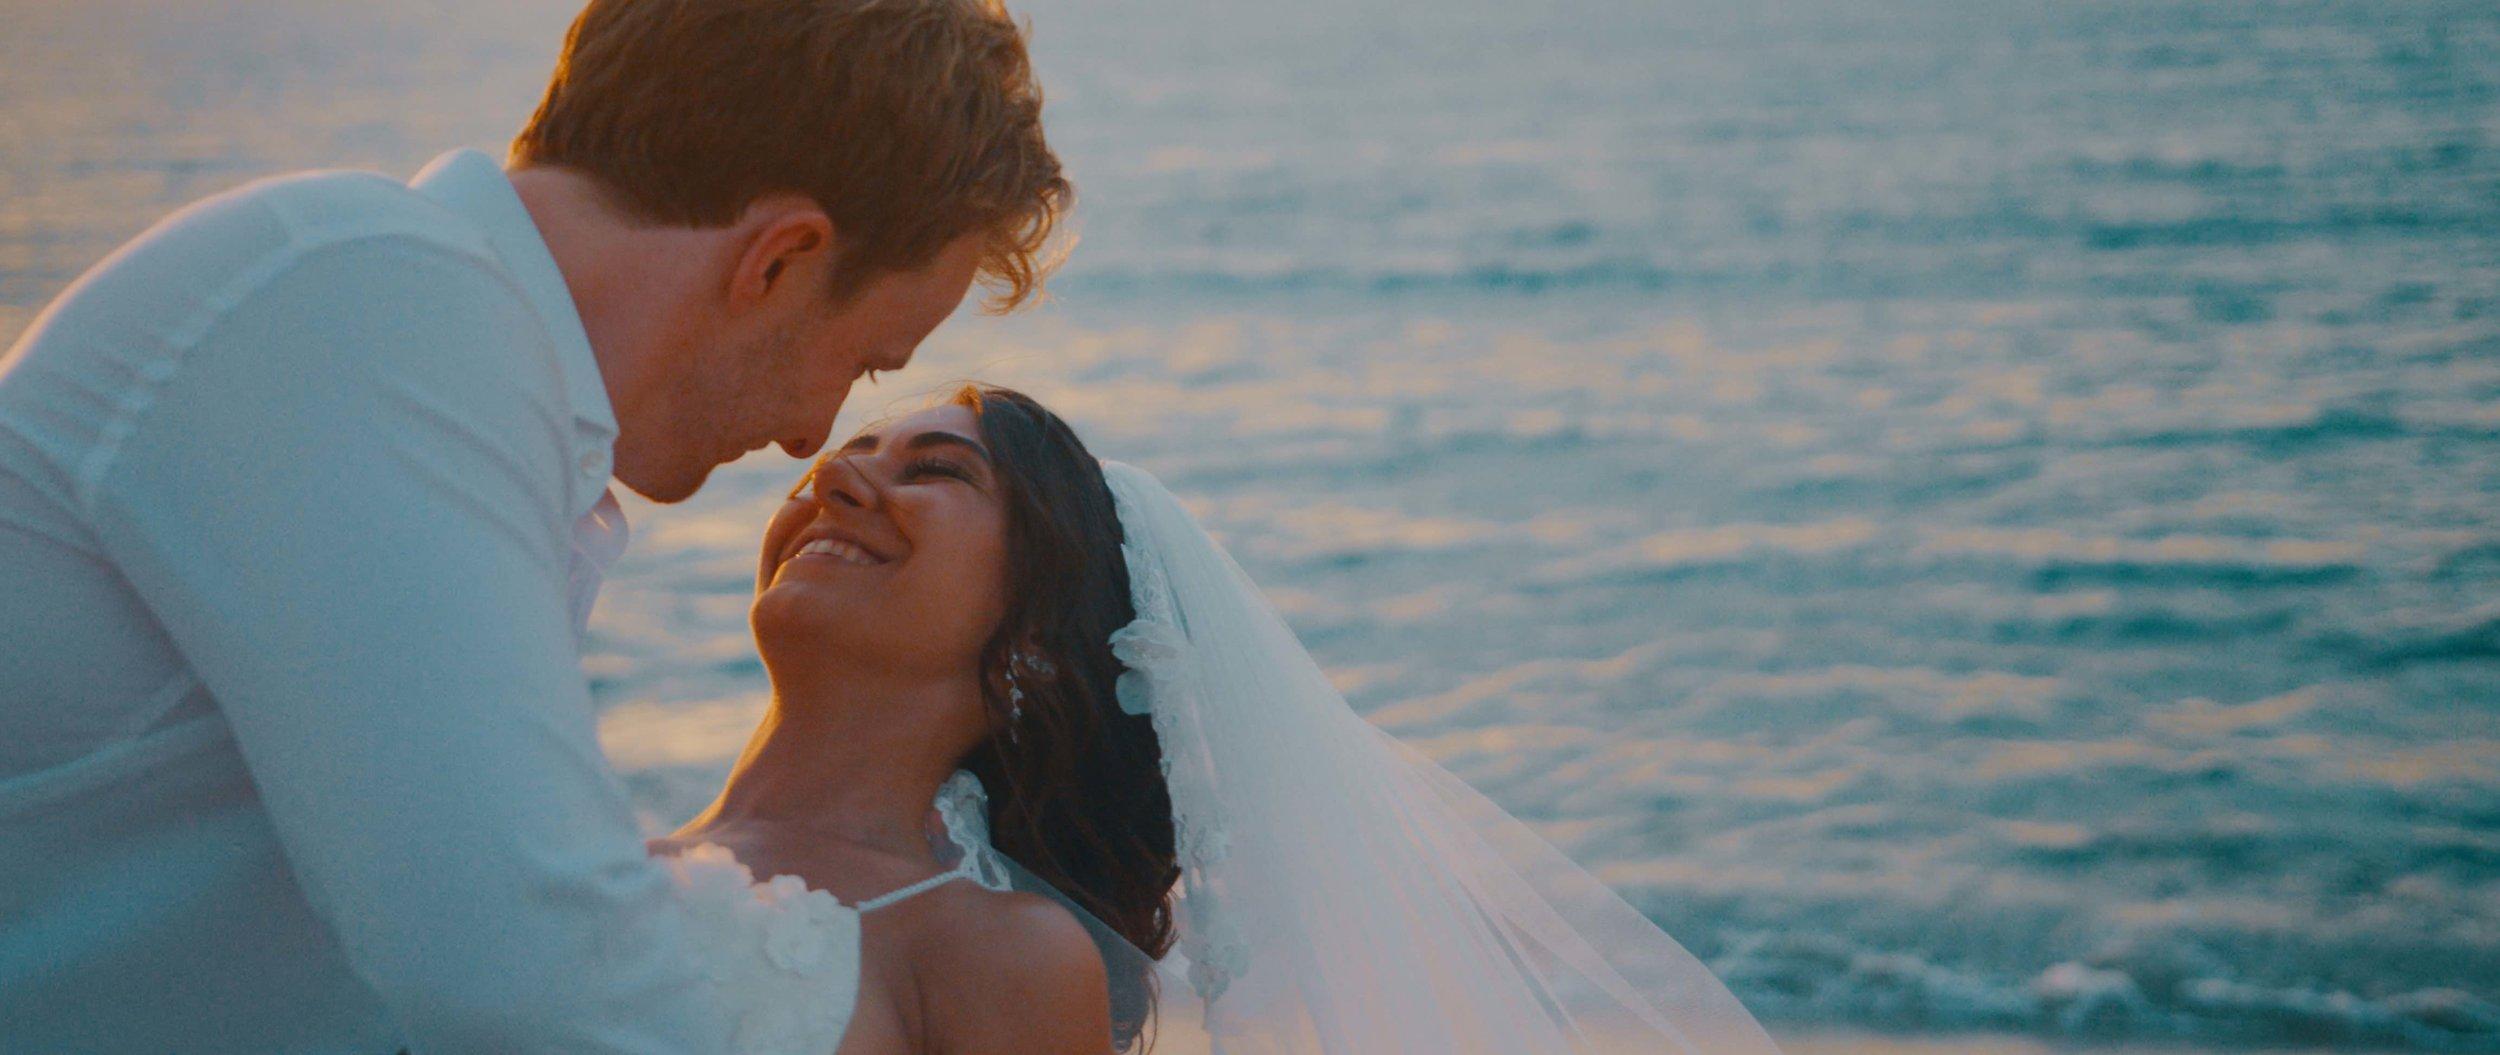 + 995€ | Largometraje - Revive tu boda con un largometraje de unos 20 minutos con los discursos y la ceremonia.